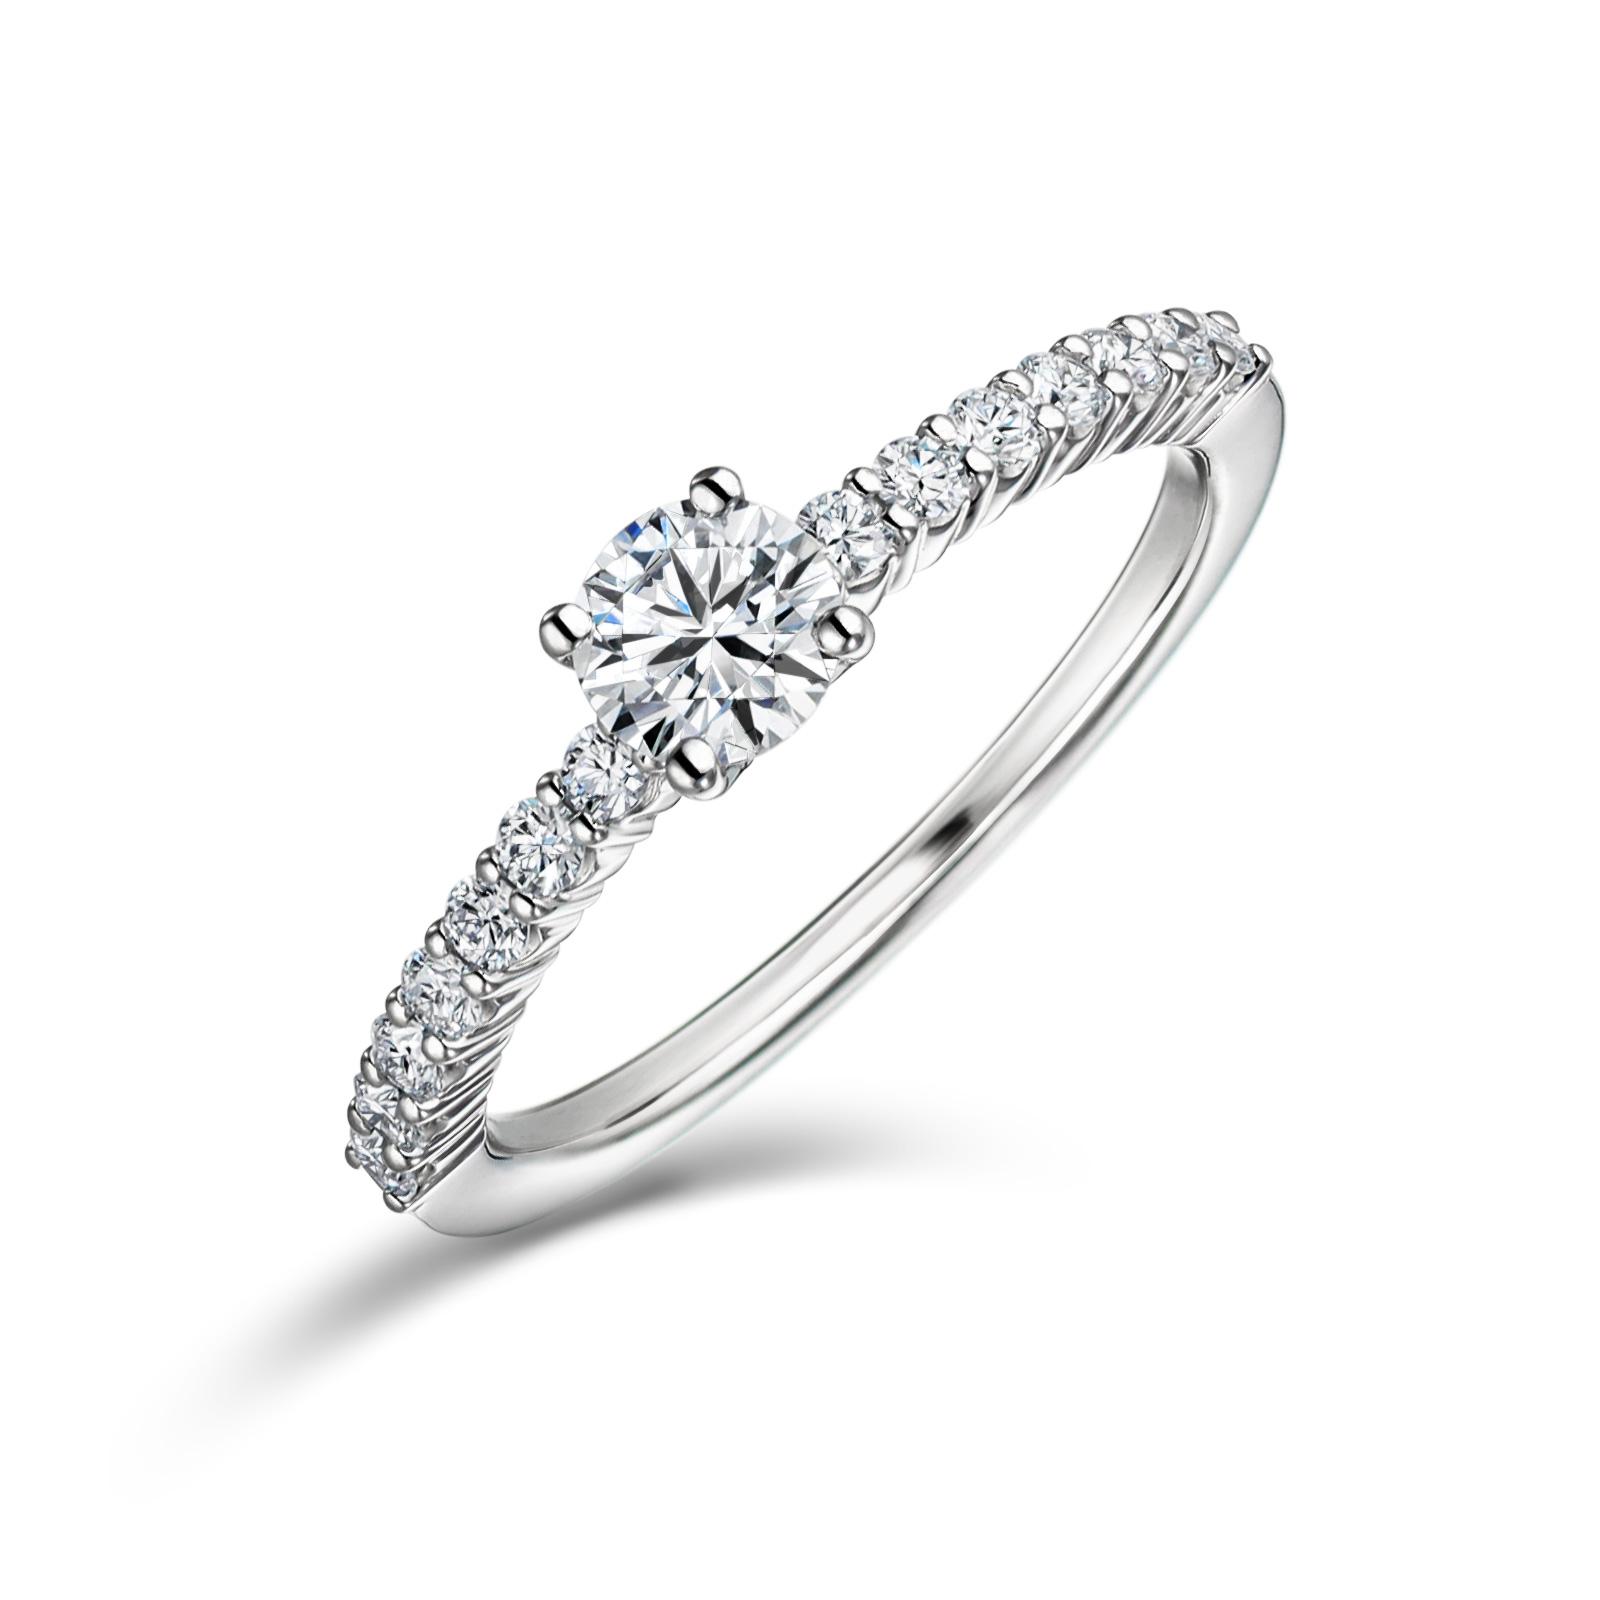 婚約指輪 エタニティ 0.3カラット ダイヤモンド